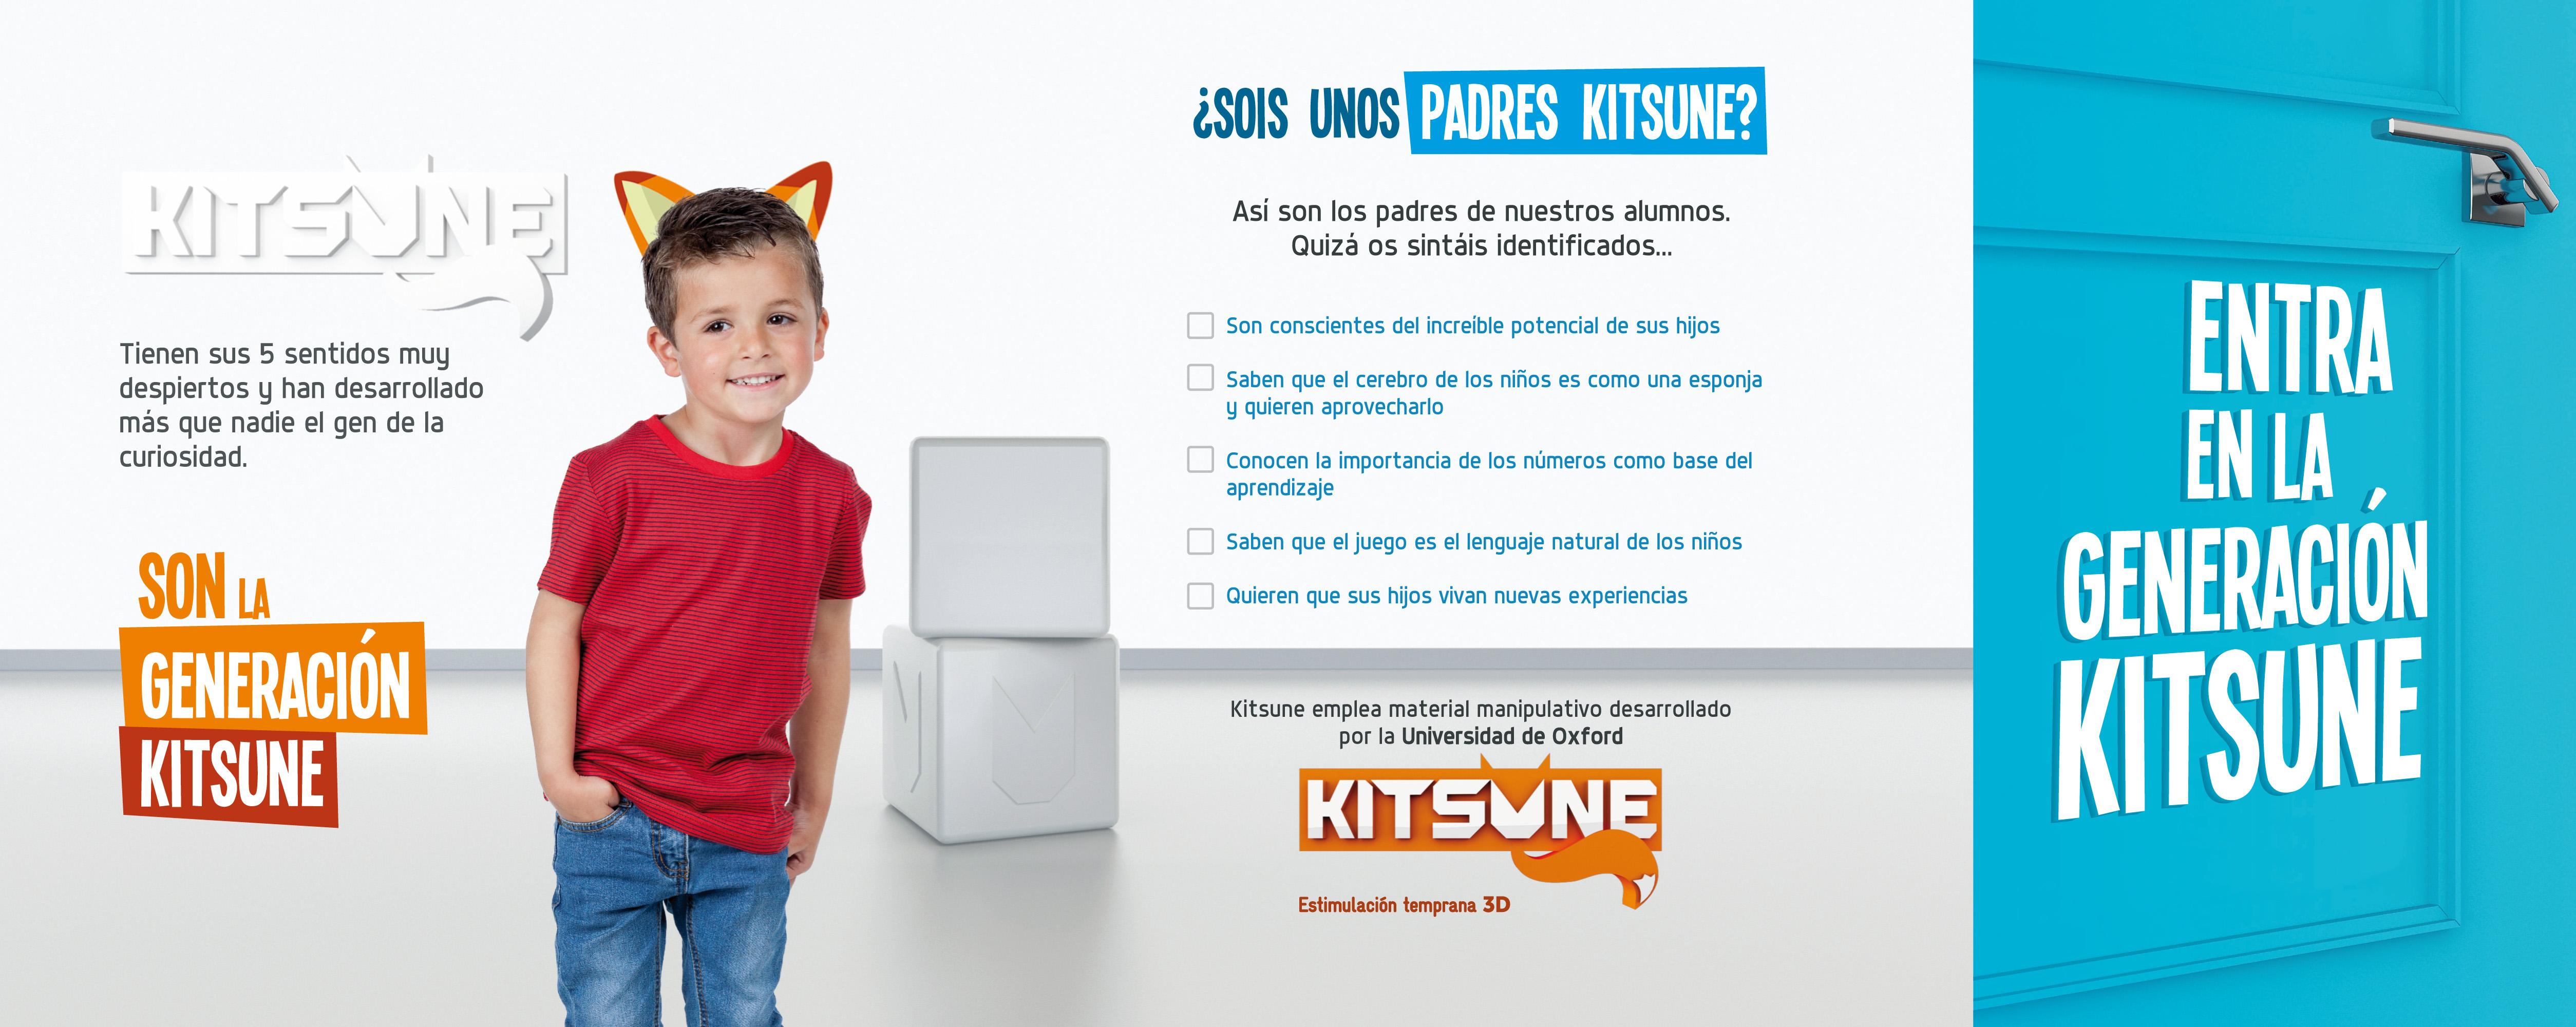 Kitsune, estimulación temprana 3D